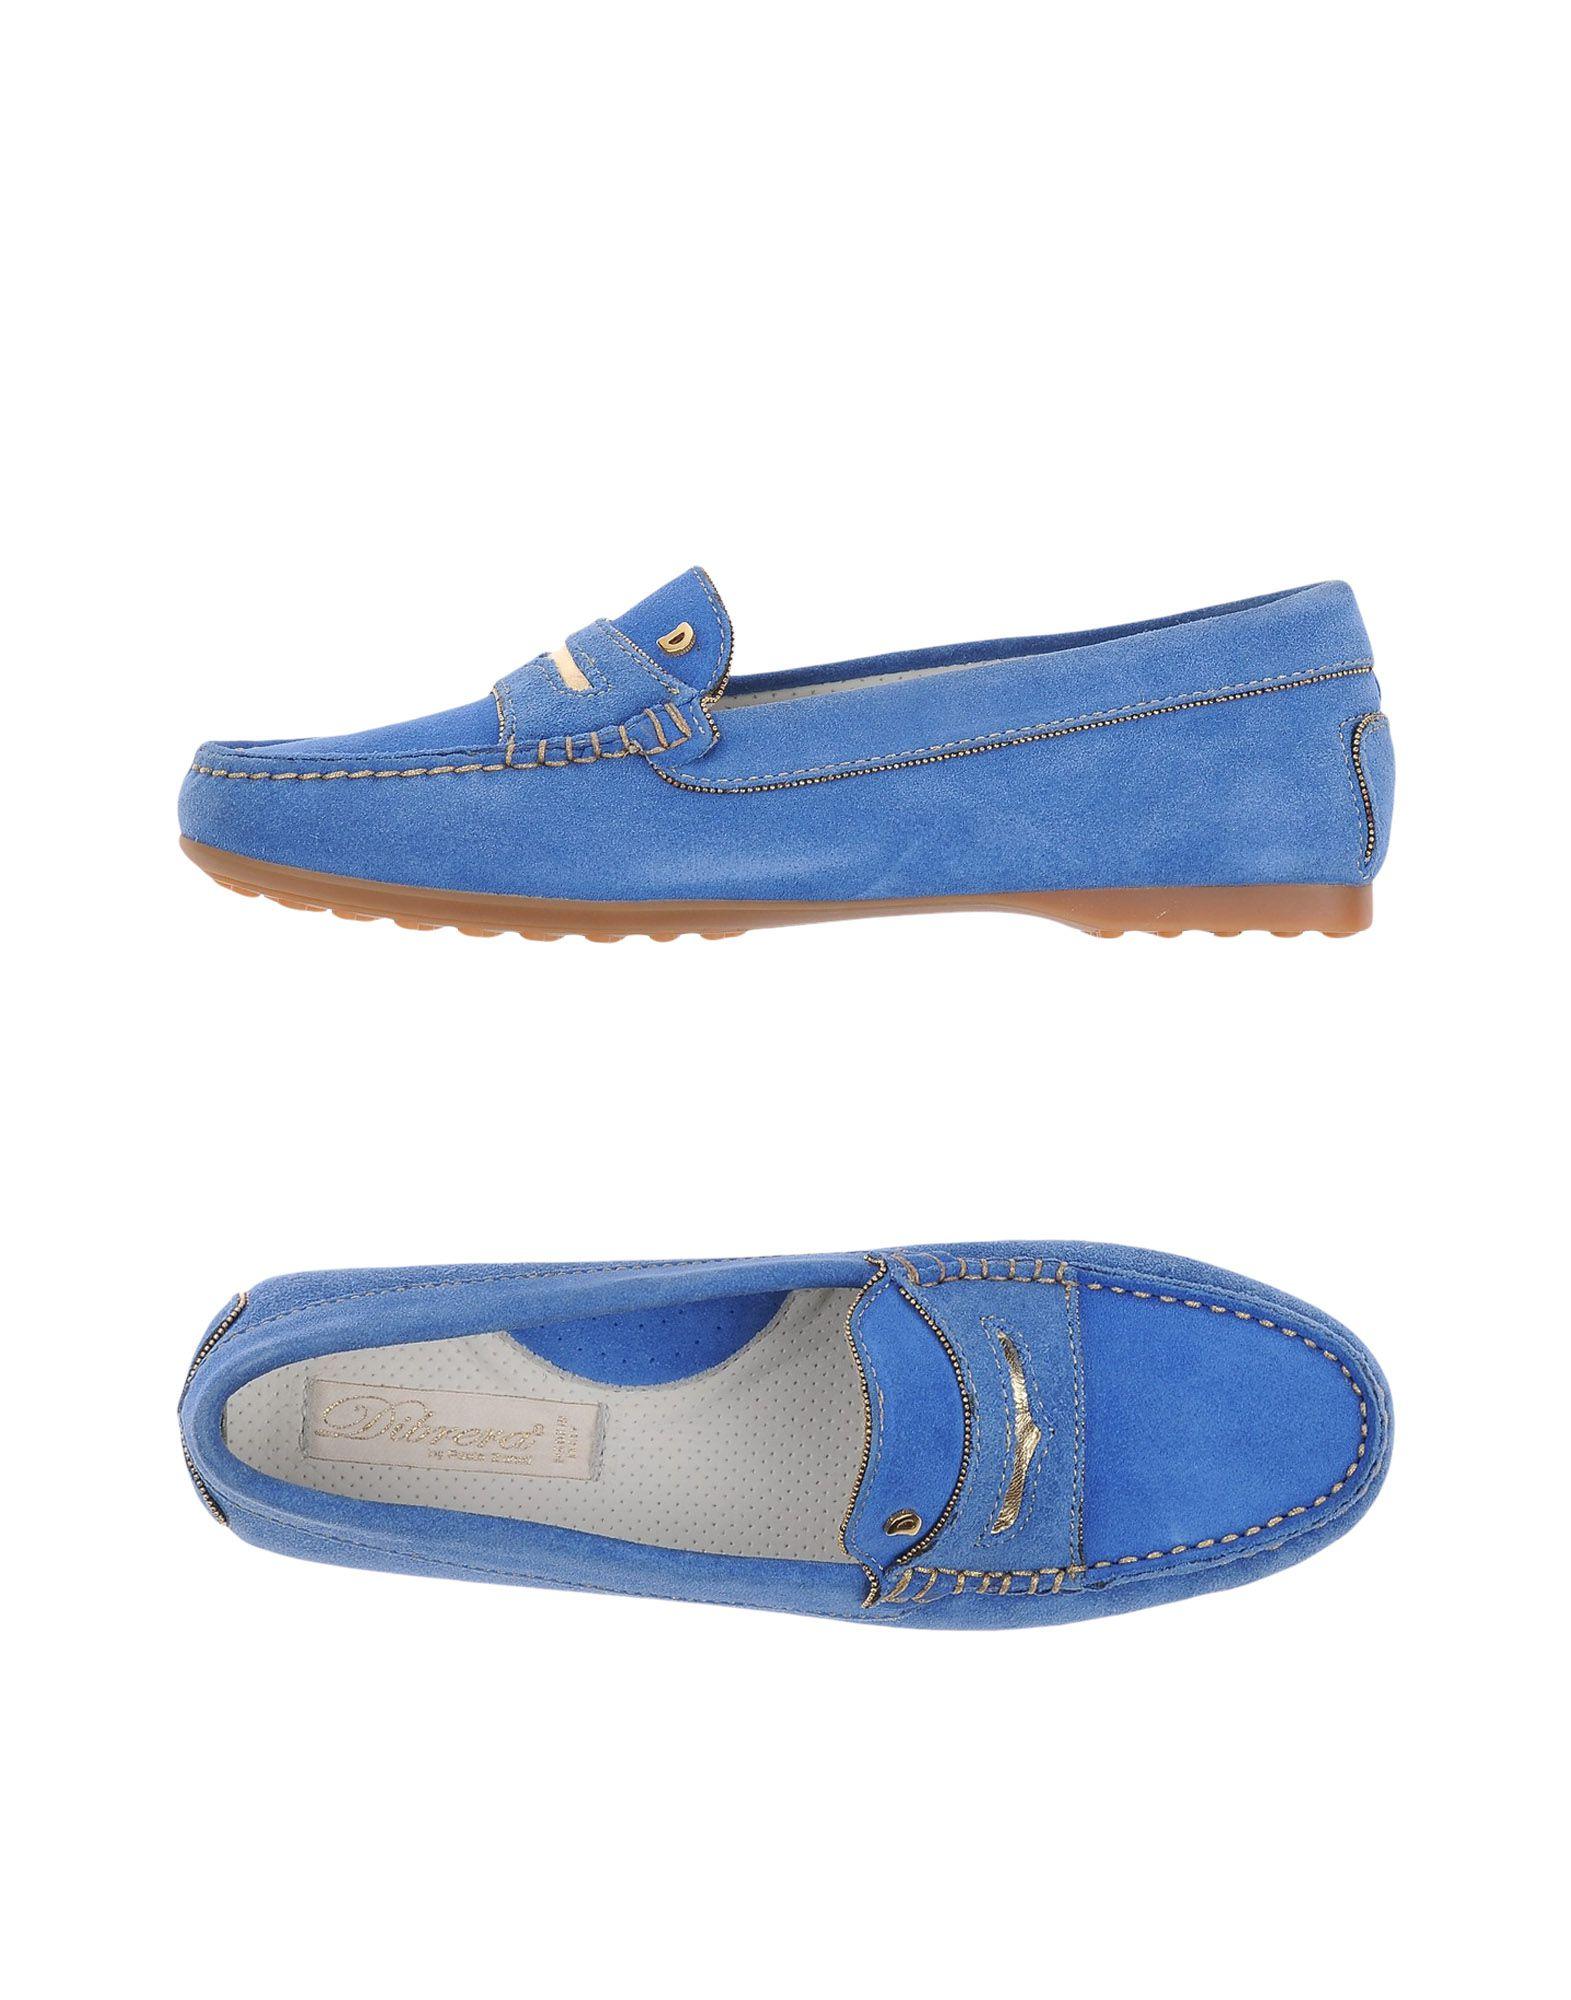 Dibrera By Paolo Zanoli Mokassins Damen  11233685NB Gute Qualität beliebte Schuhe